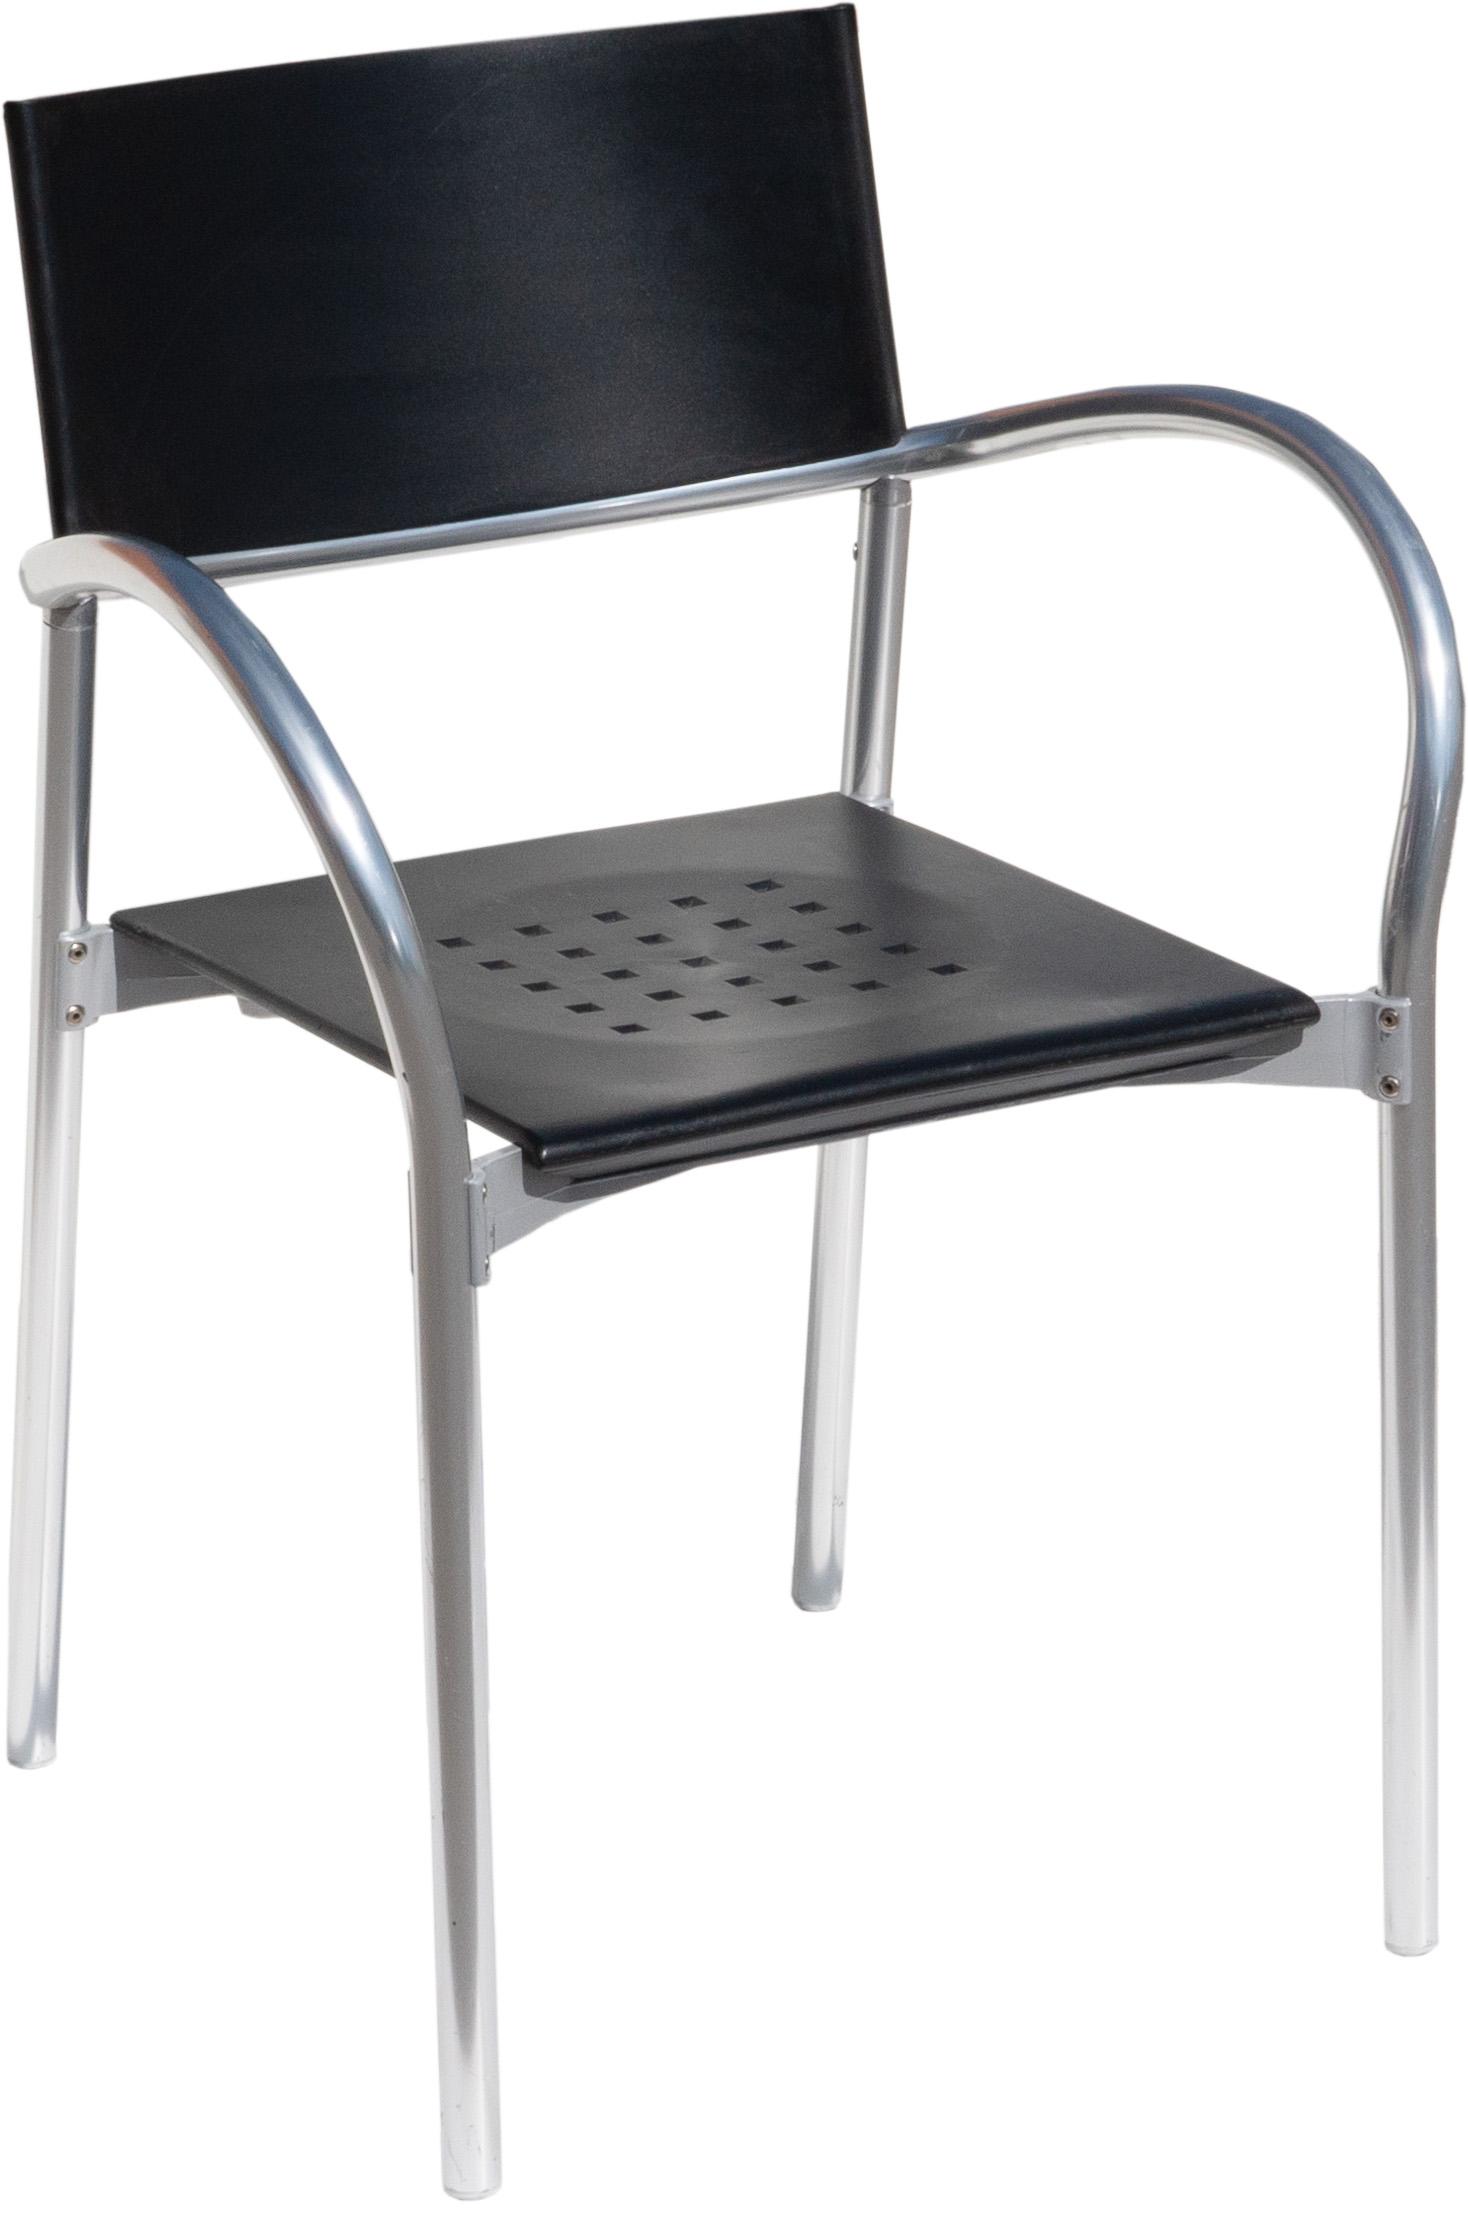 BREEZE Stapelstühle (Designer-Stühle, Segis, bis zu 13 Stühle stapelbar, Outdoor / für Außen geeignet, Carlo Bartoli)